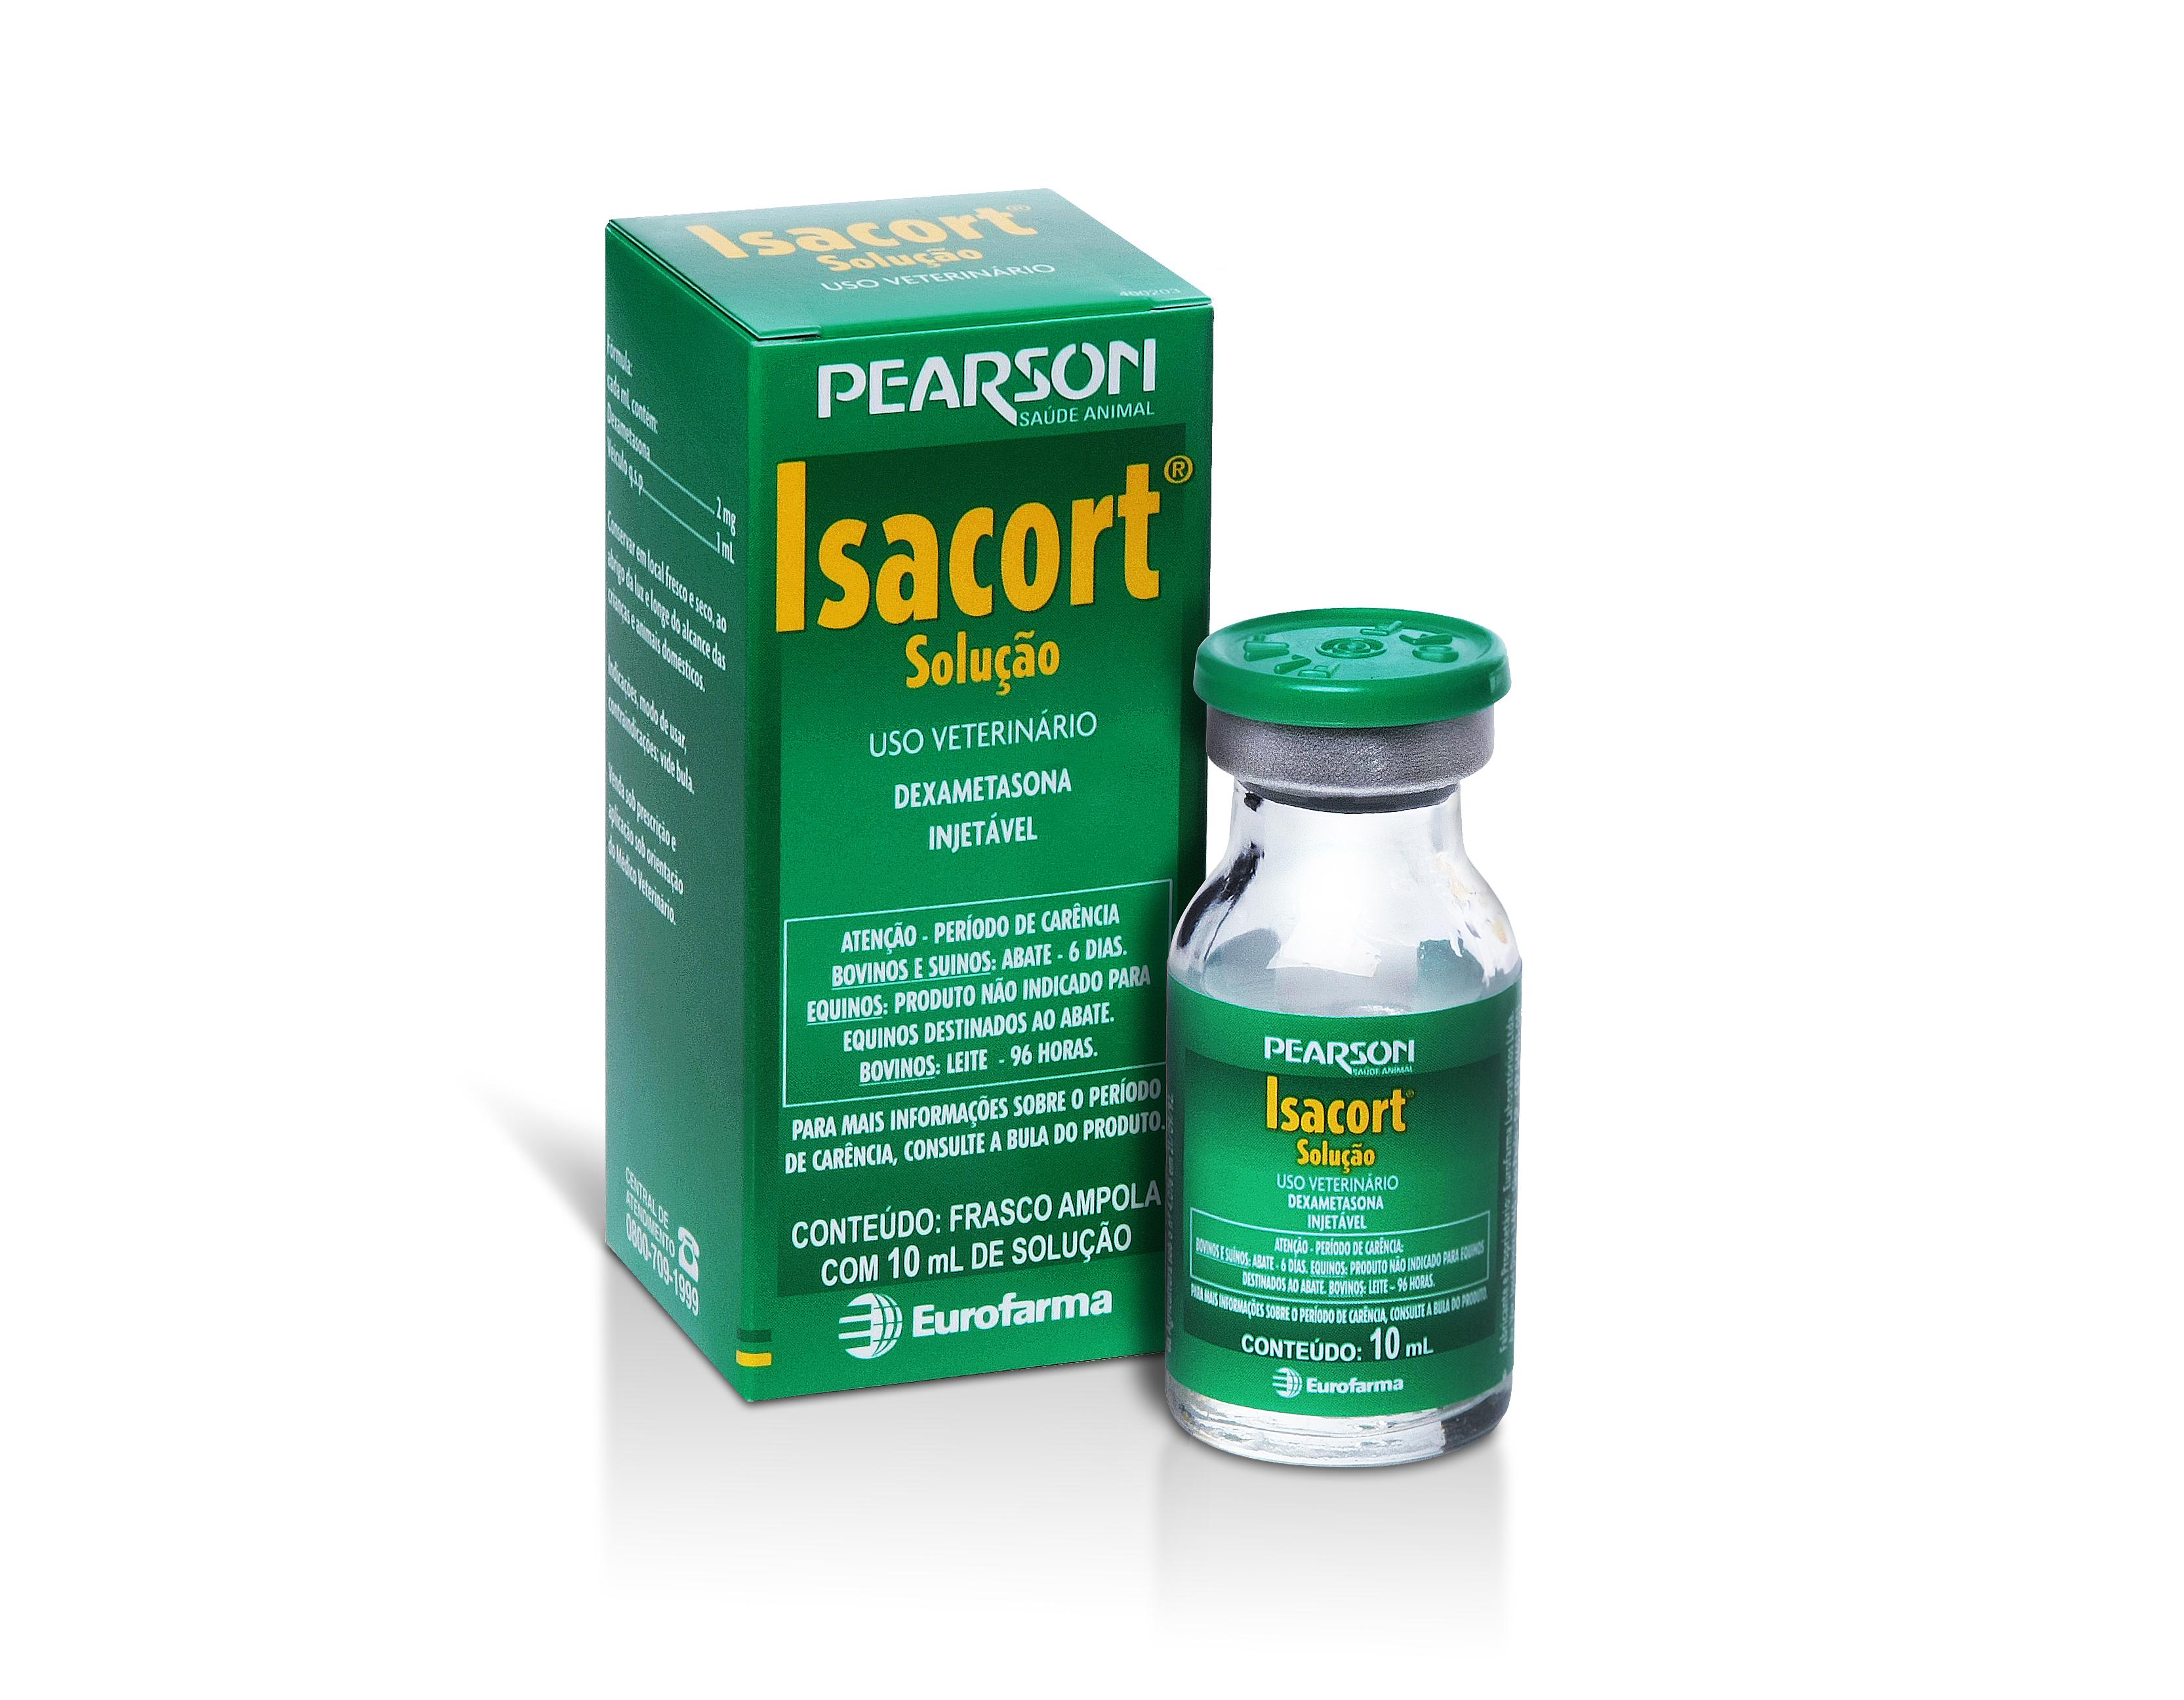 Isacort